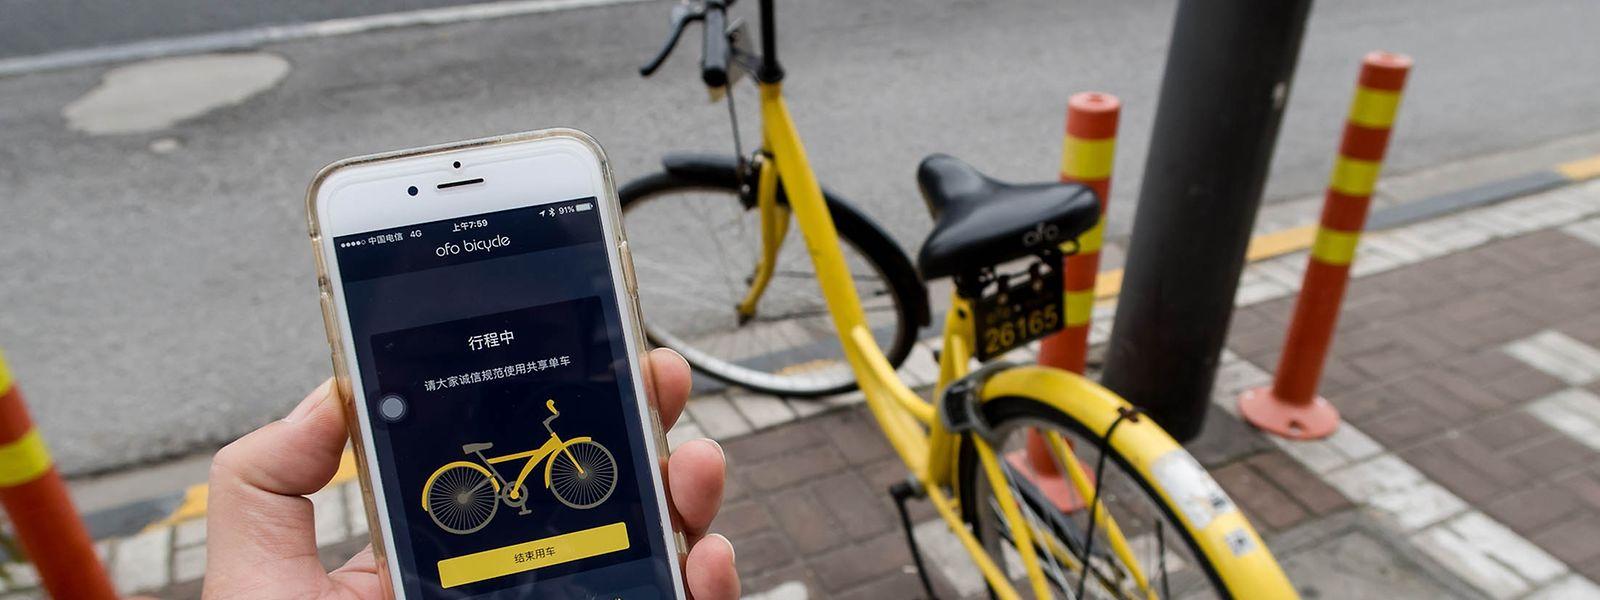 120 ans après que la Chine a importé ses premiers vélos, ses start-up de «vélo partagé» sont parties à la conquête du monde.